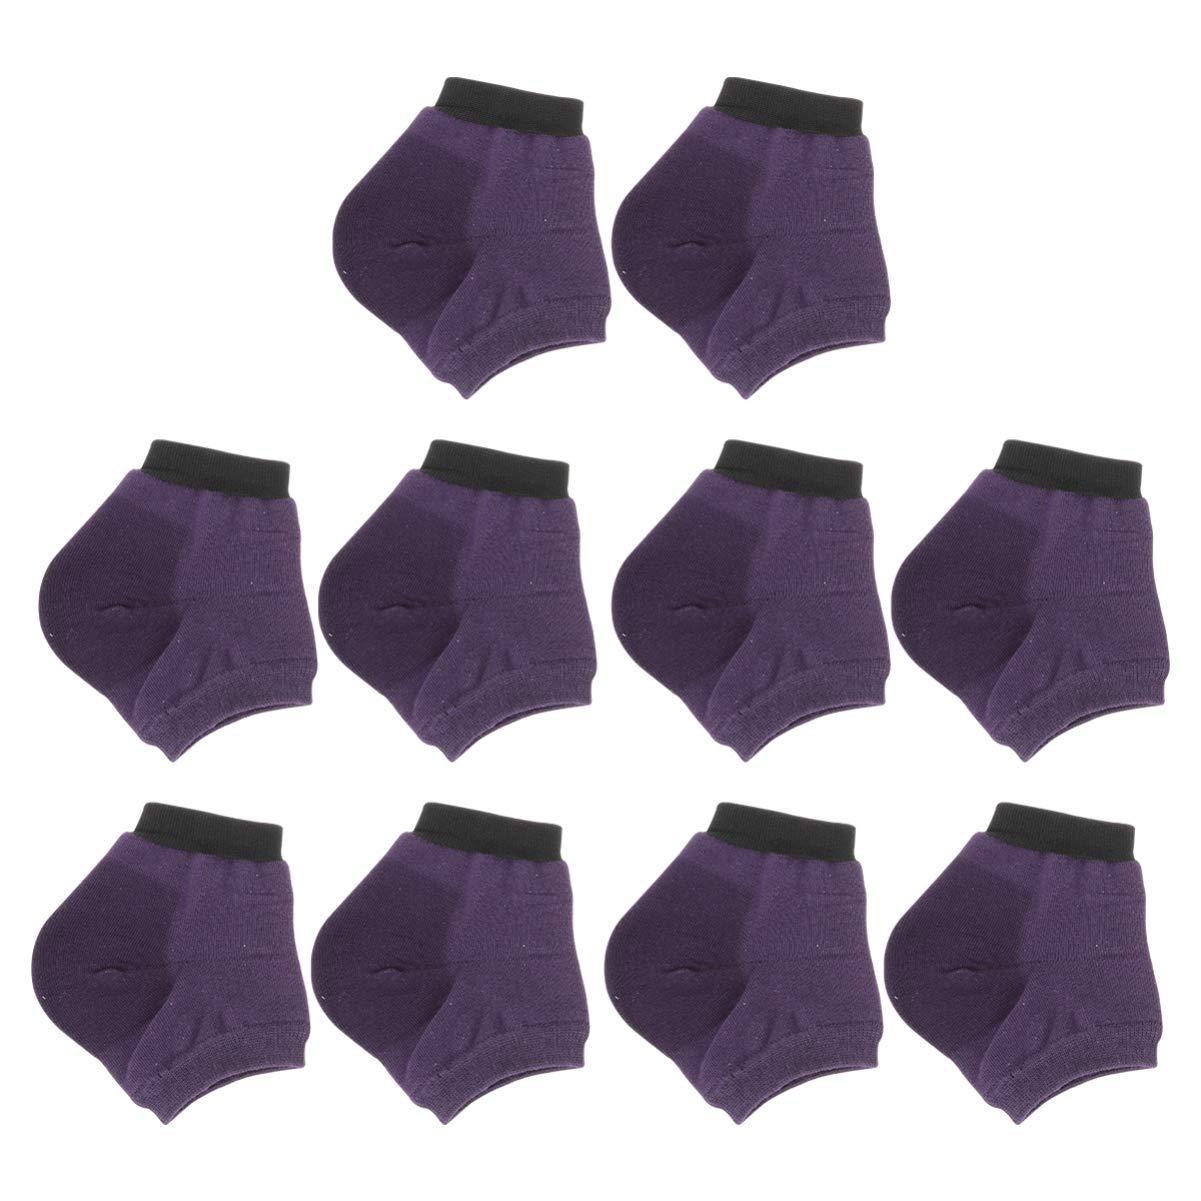 EXCEART 5 Pairs Heel Moisturizing Socks Open Toe Socks Cracked Gel Heel Socks for Dry Hard Cracked Heels Ventilate Gel Spa Soften Repair Feet Socks